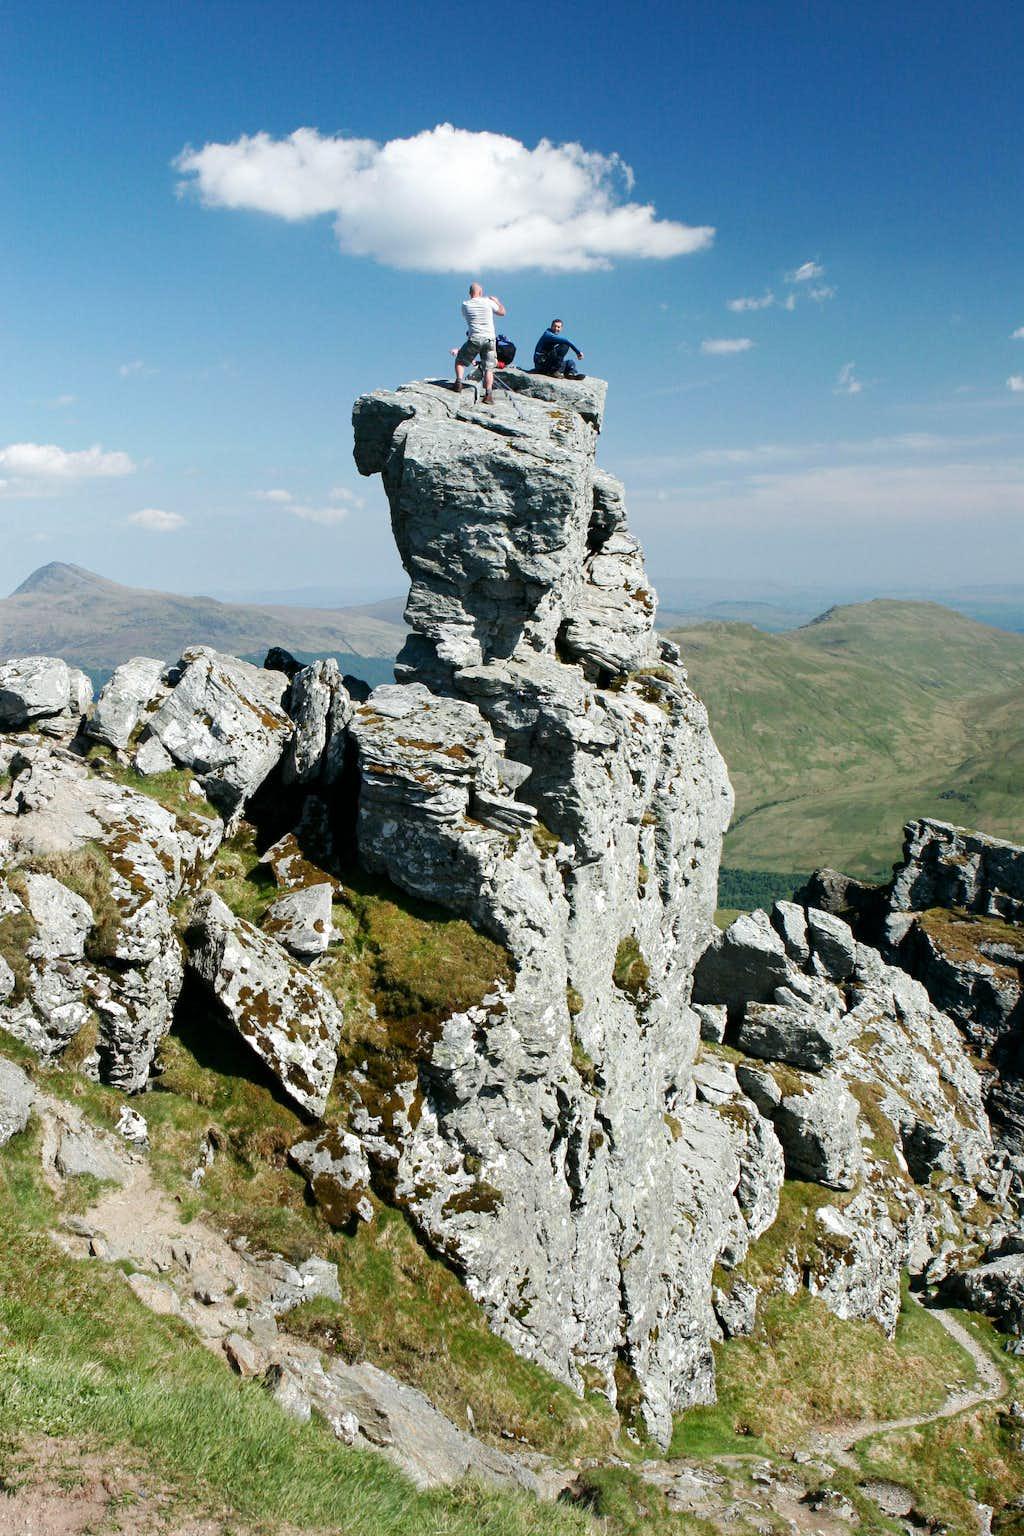 On the summit rock